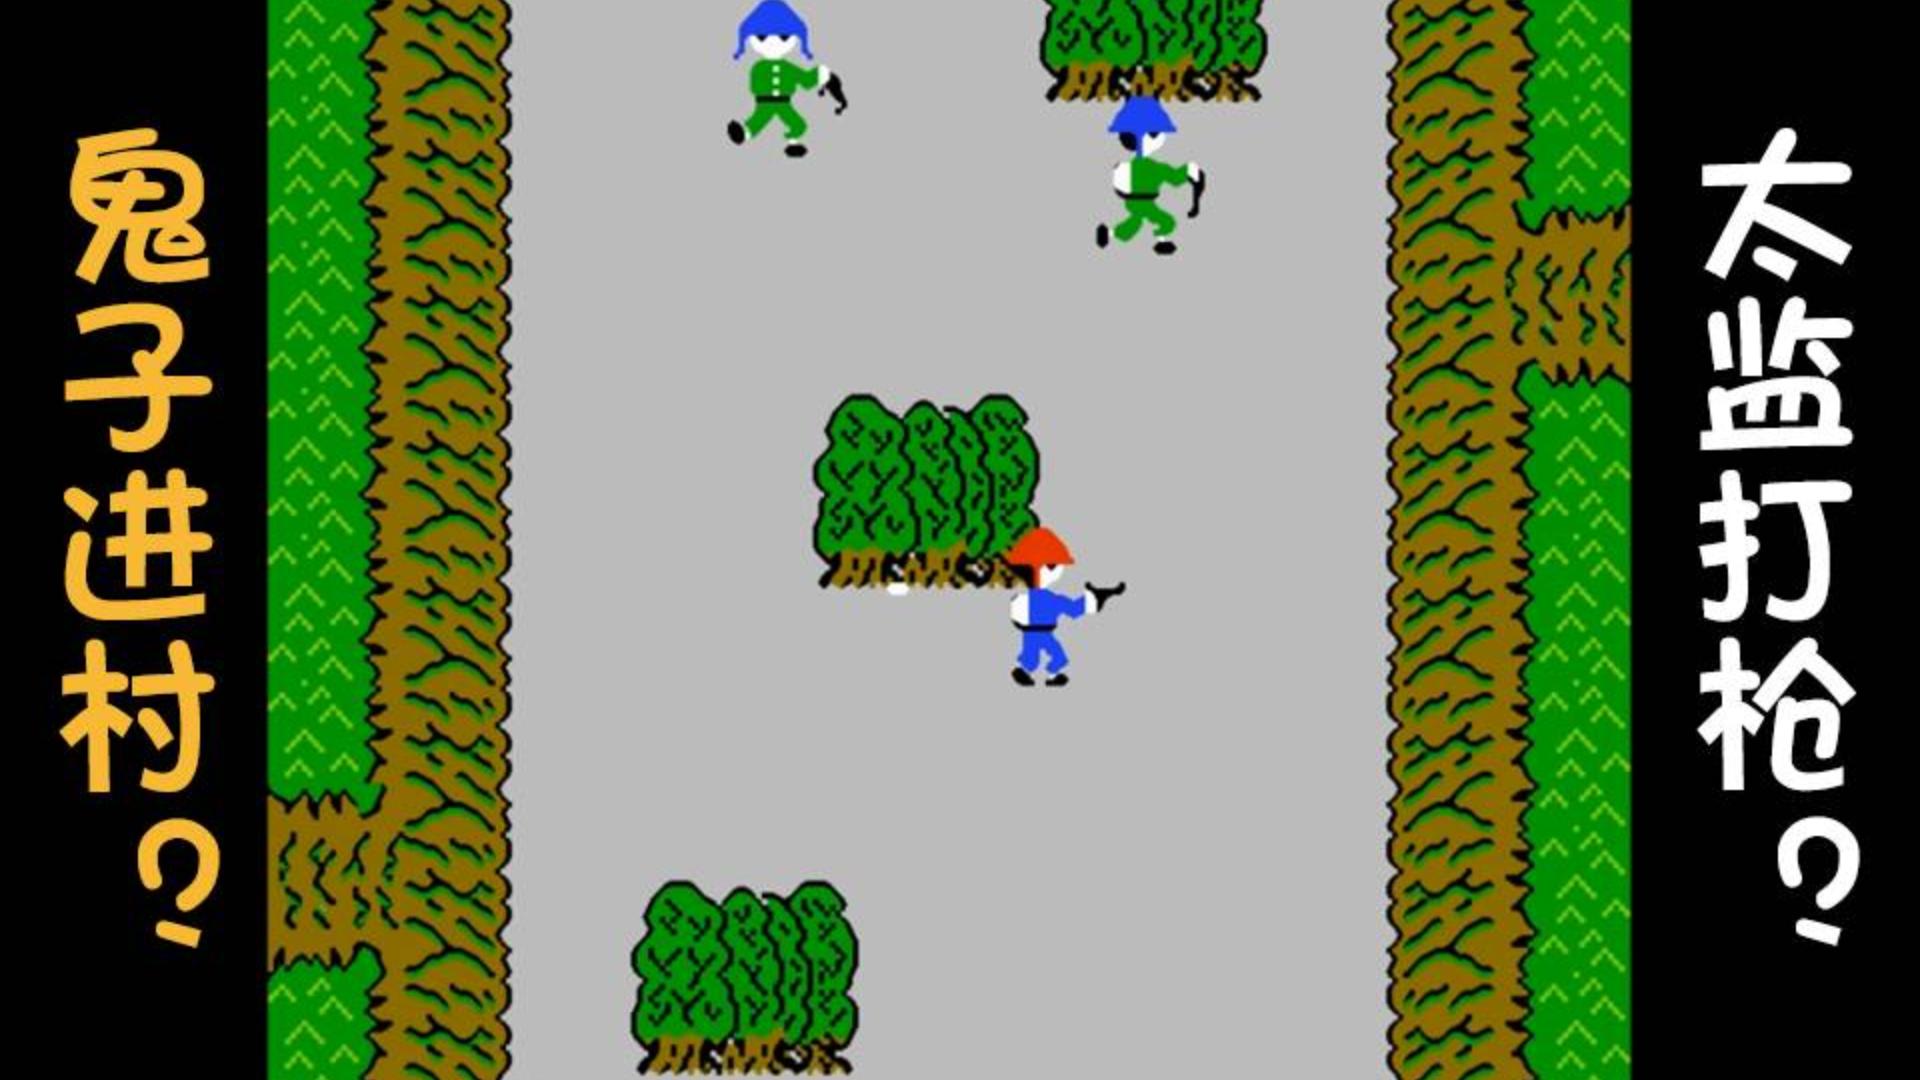 这款画风诡异的红白机游戏,竟是一款影响游戏史的绝对神作!